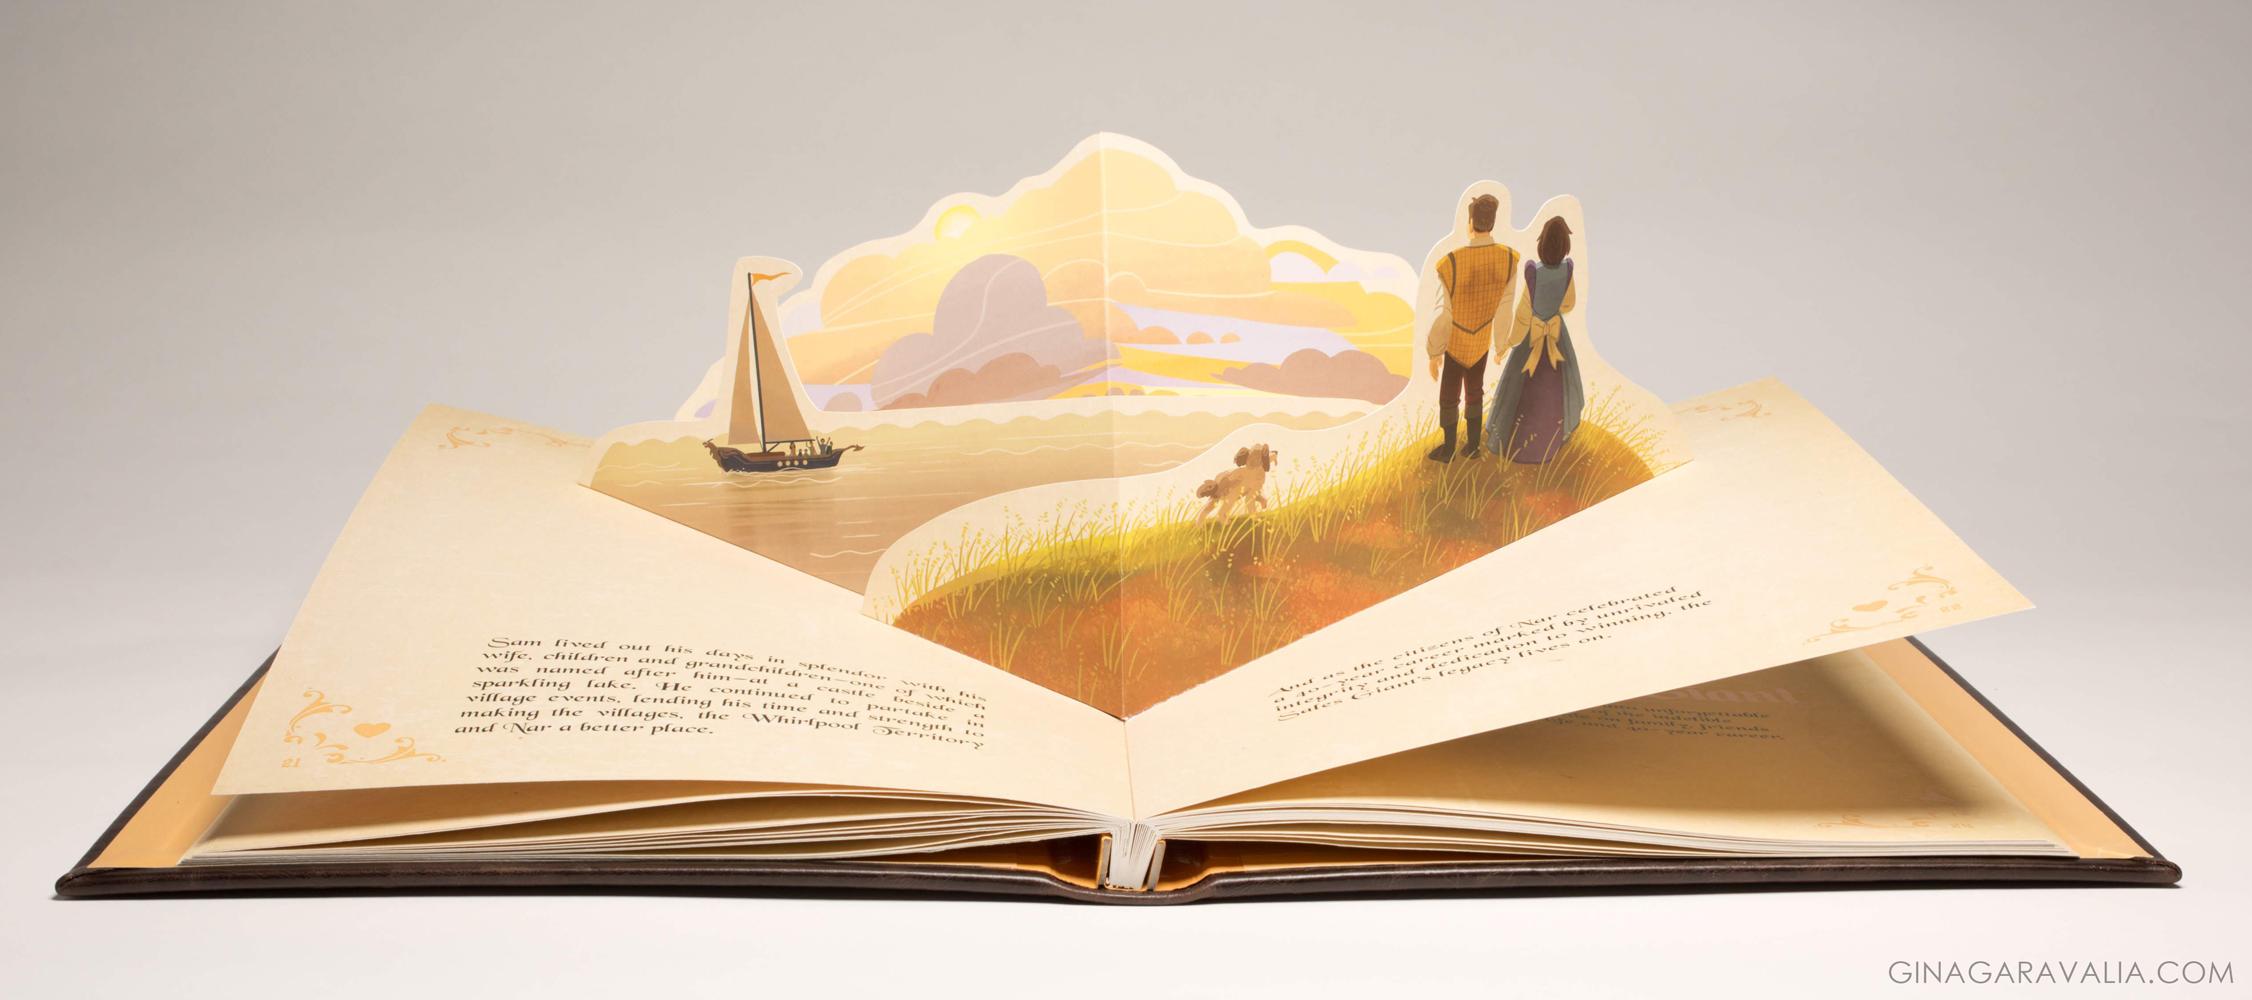 Flat-book-popups-5.JPG